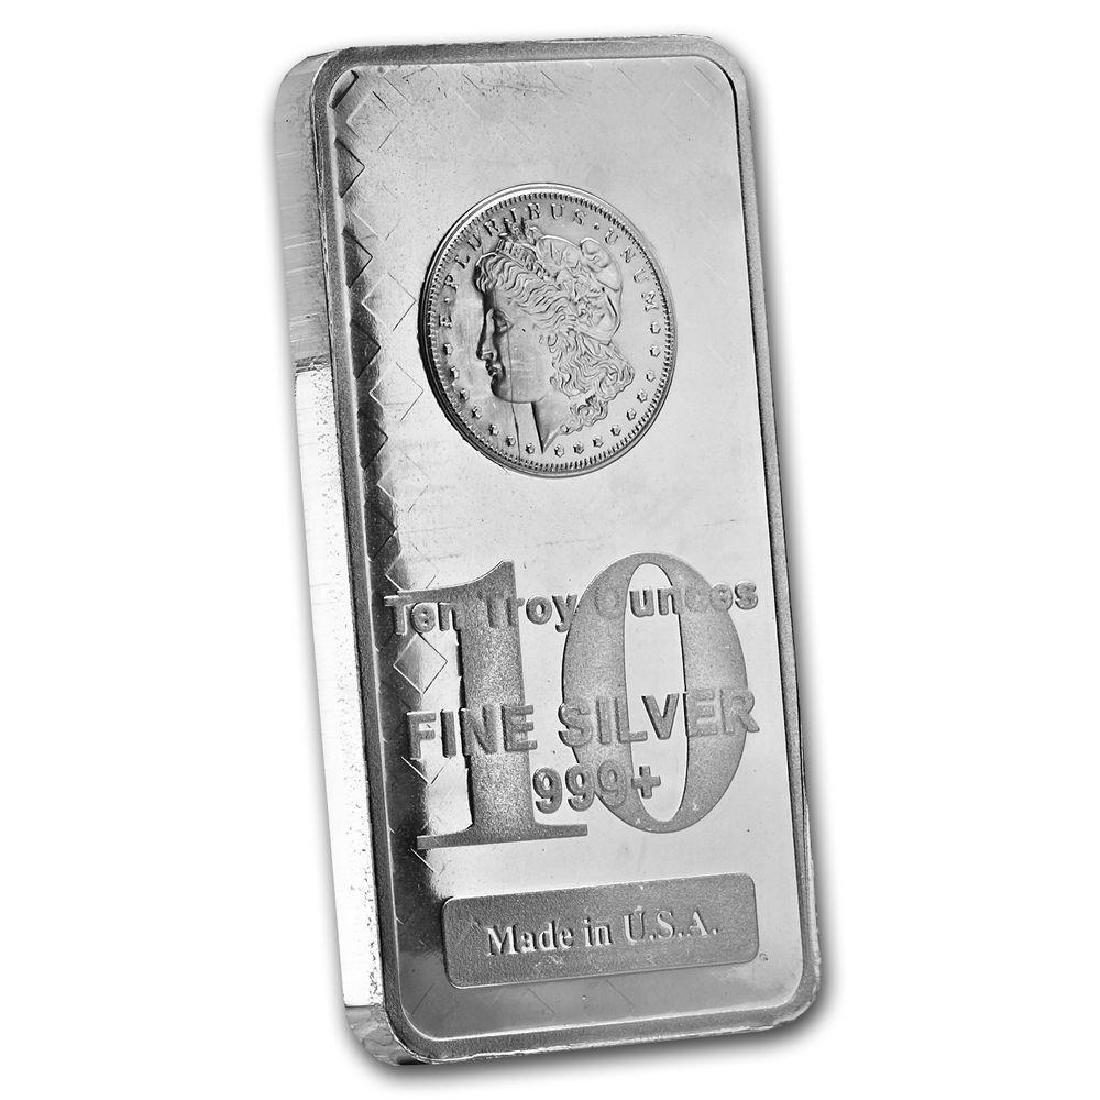 10 oz. Morgan Design Silver Bar